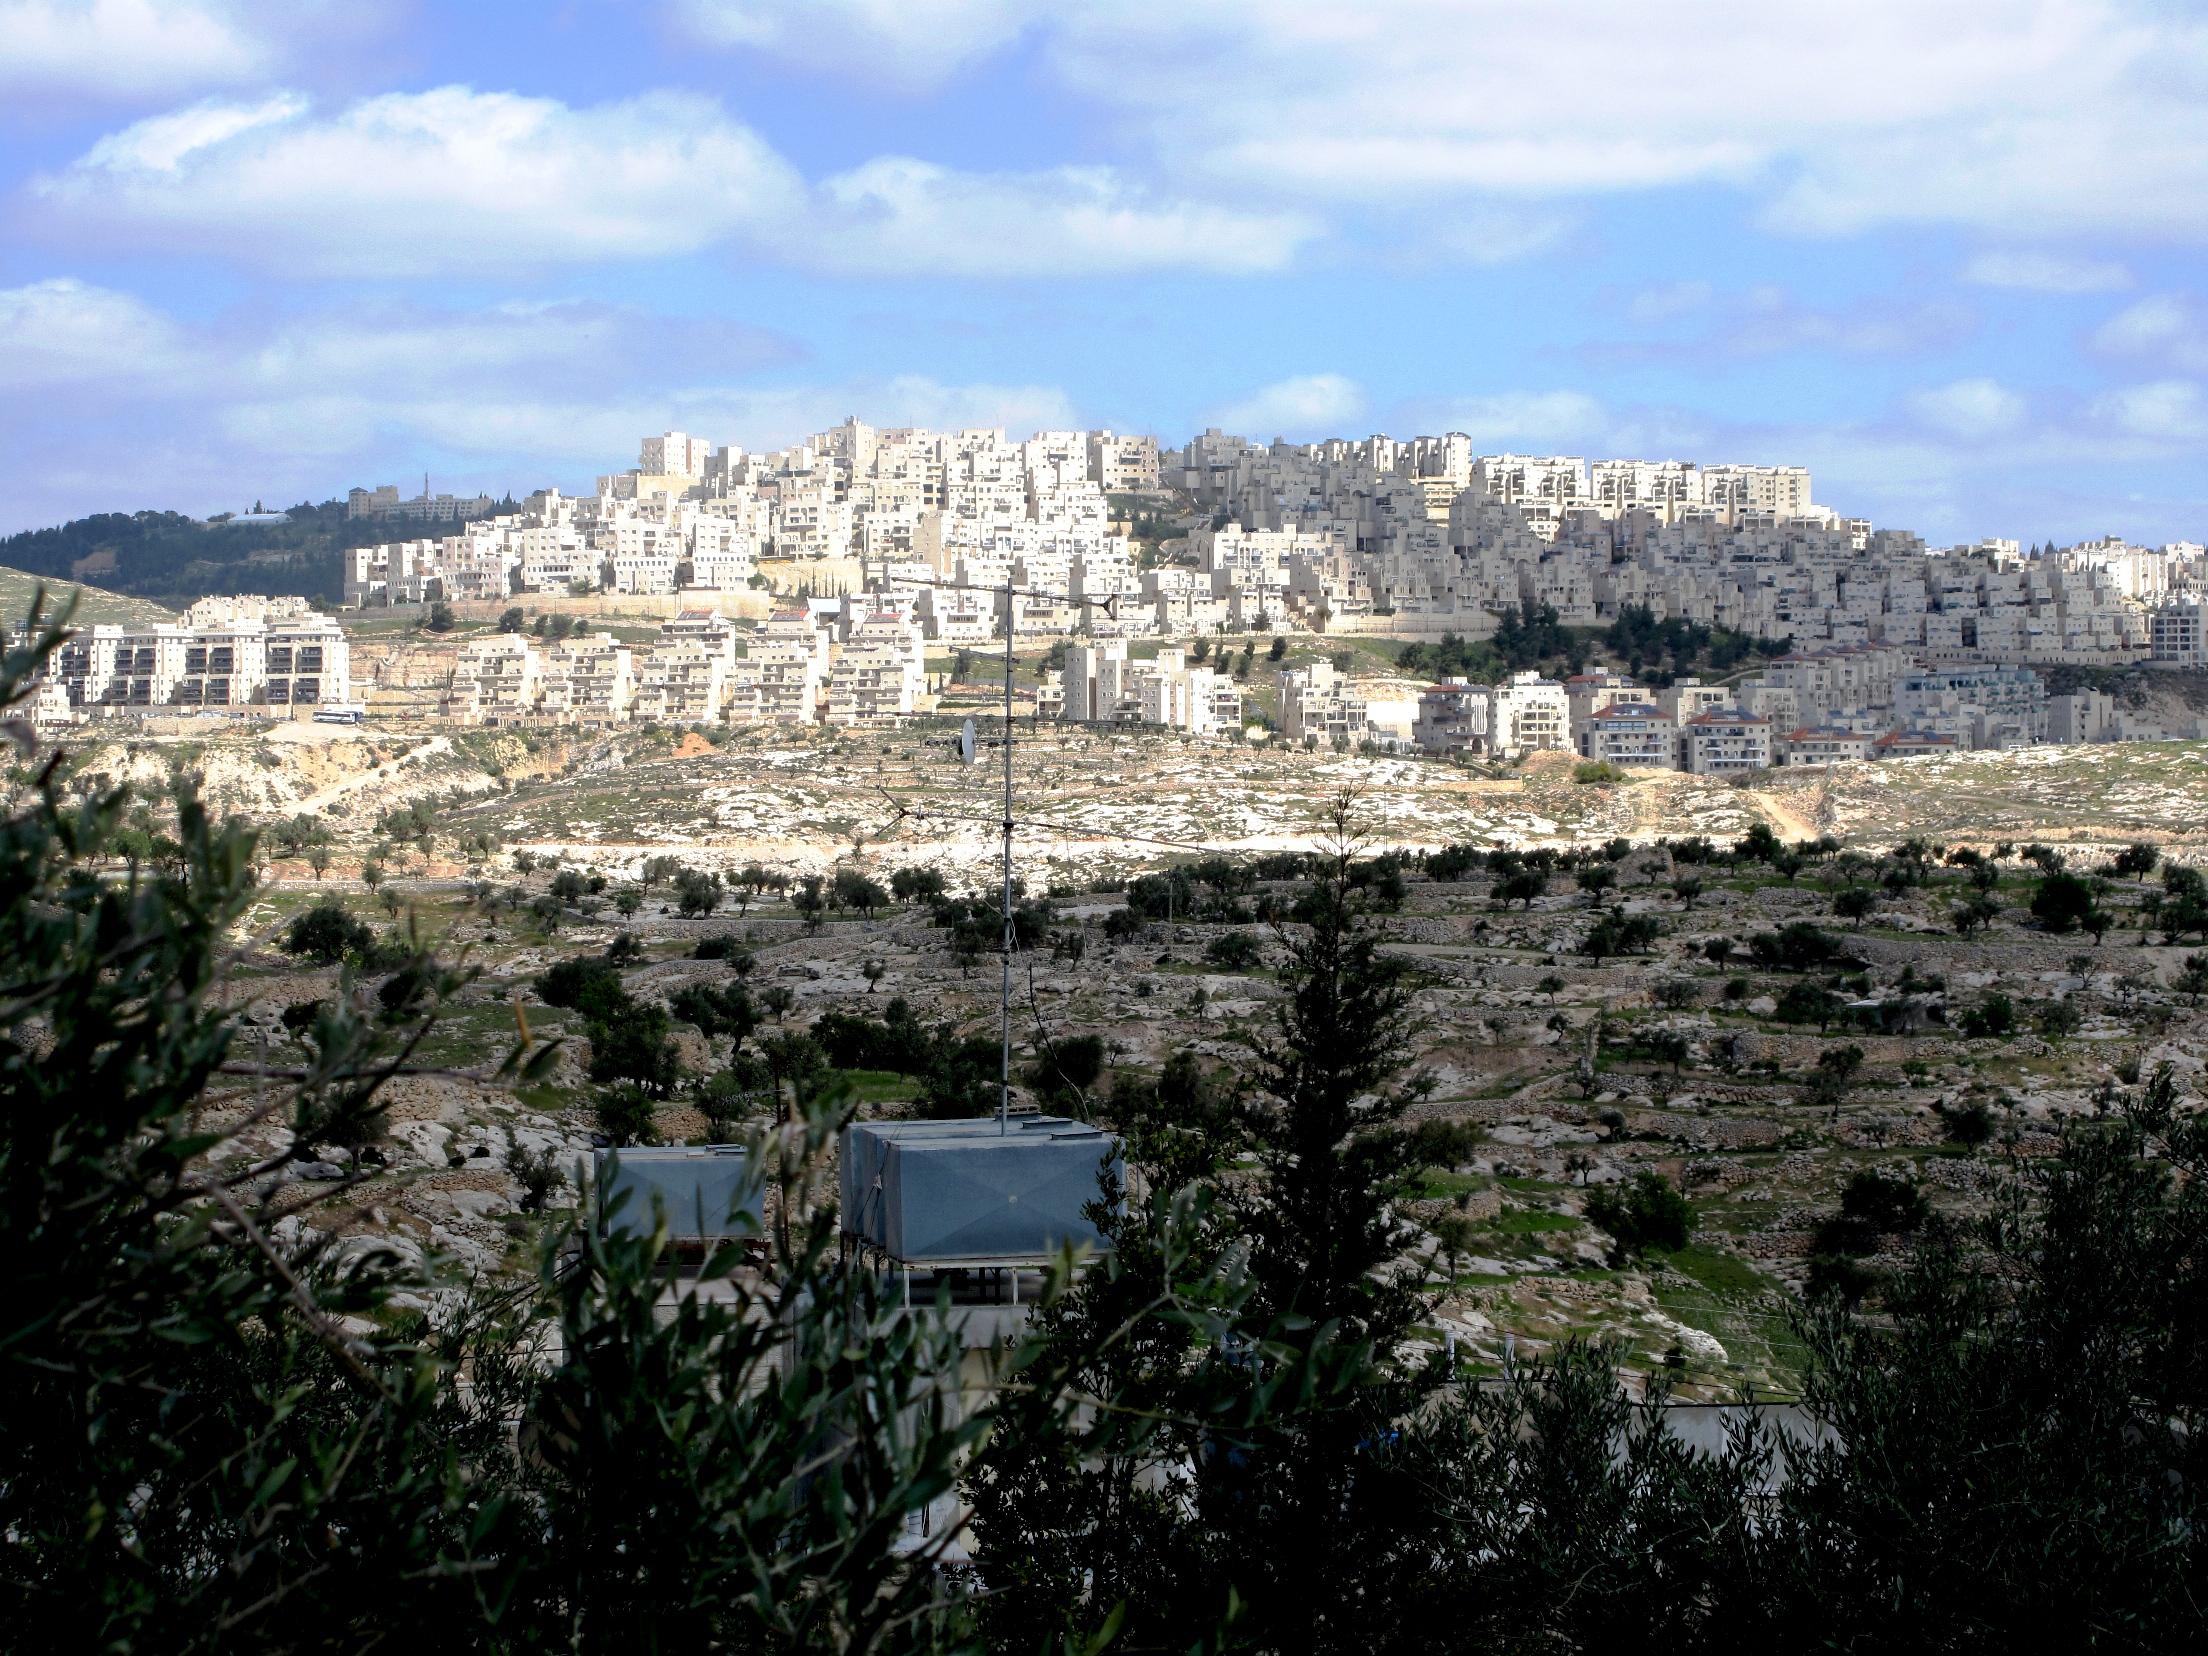 La collina di Abu Ghneim, oggi occupata dalla colonia di Har Homa (Foto: Nena News)